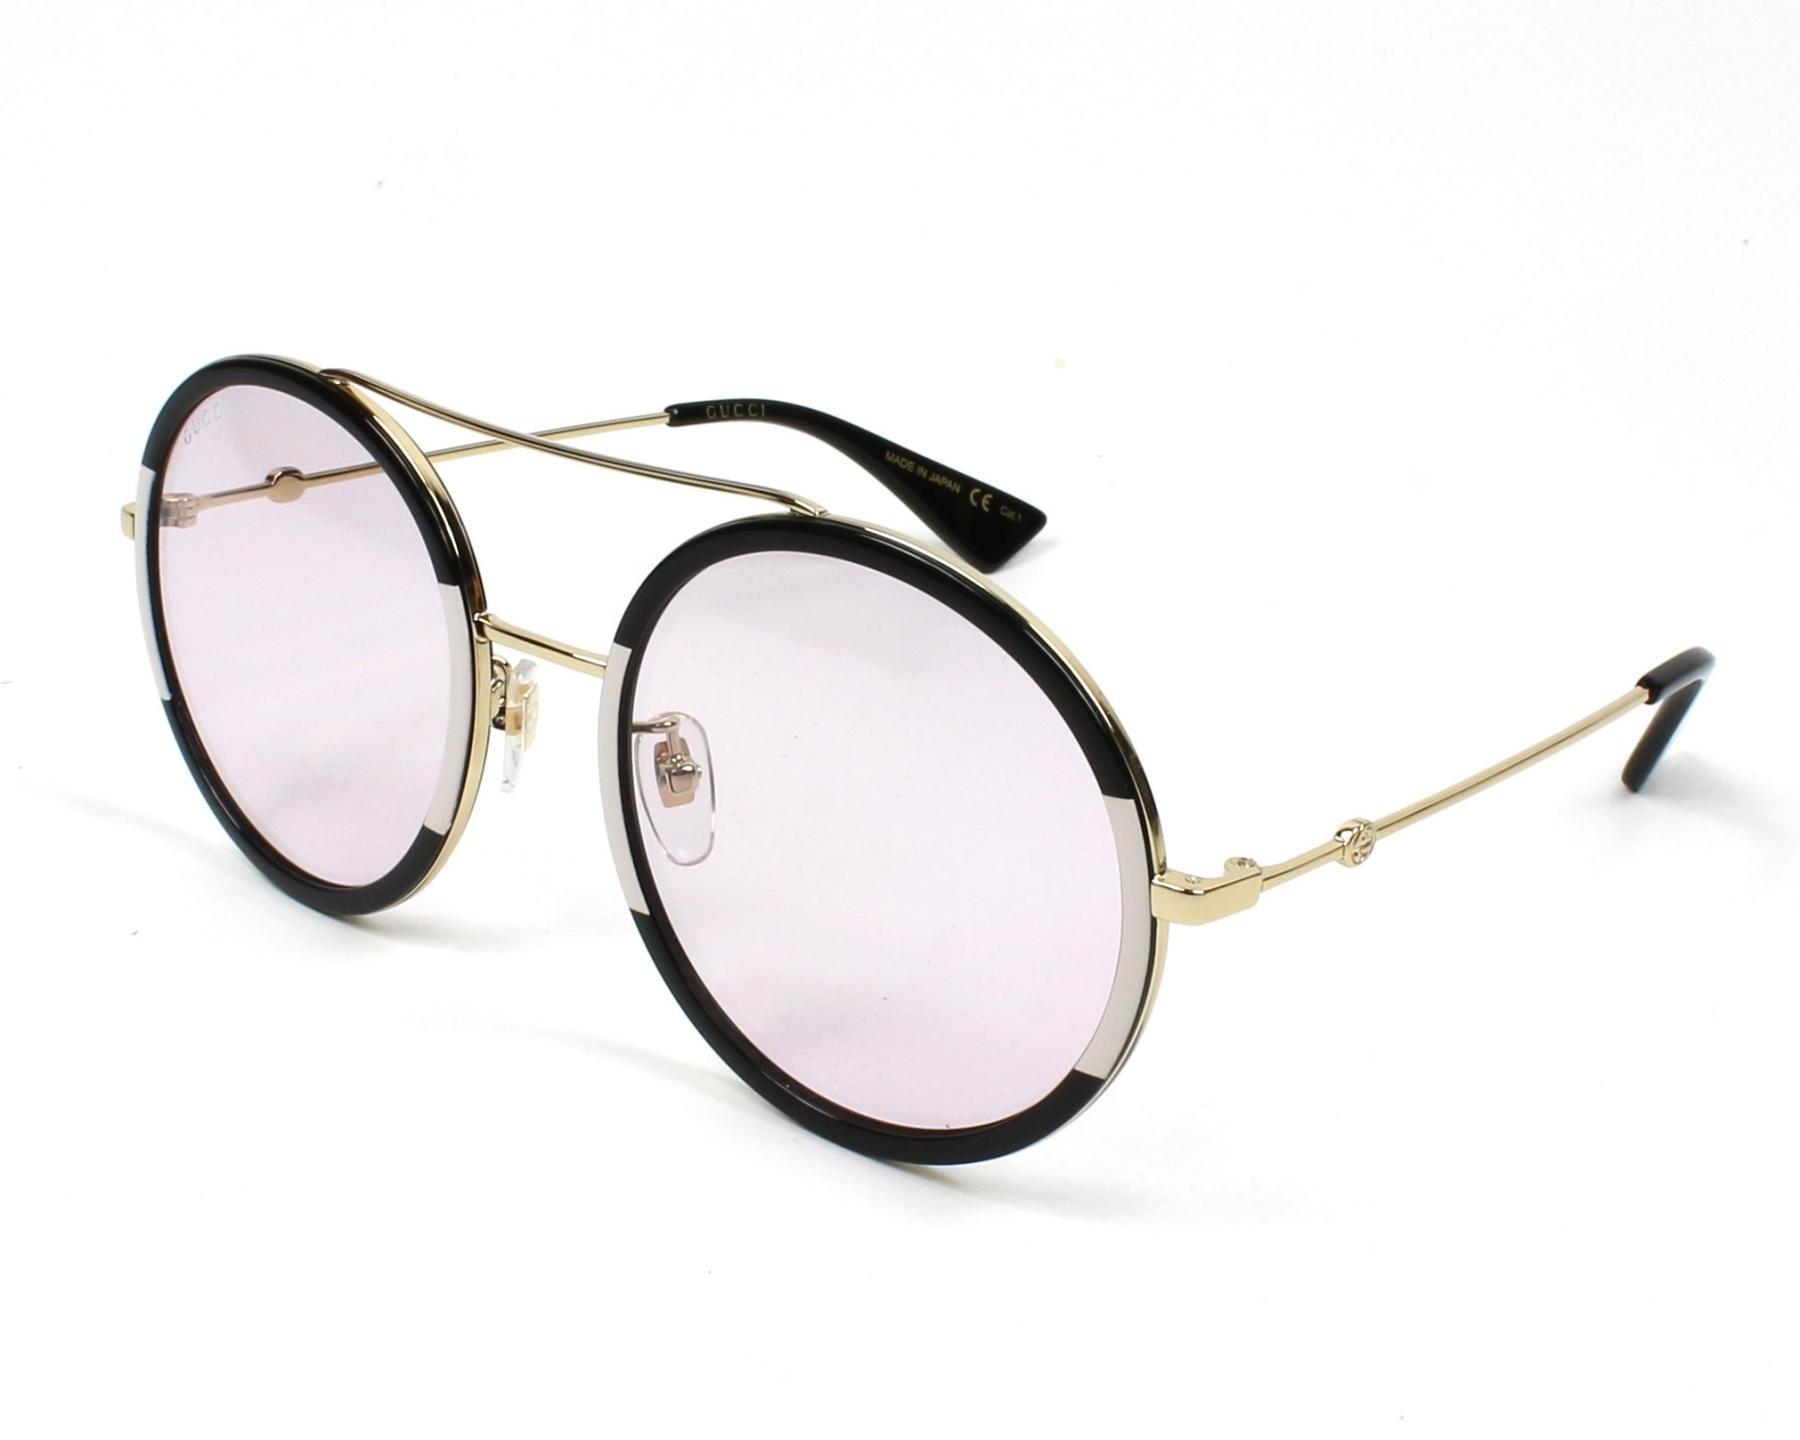 aeca7371821 Sunglasses Gucci GG-0061-S 006 56-22 Black Pink profile view